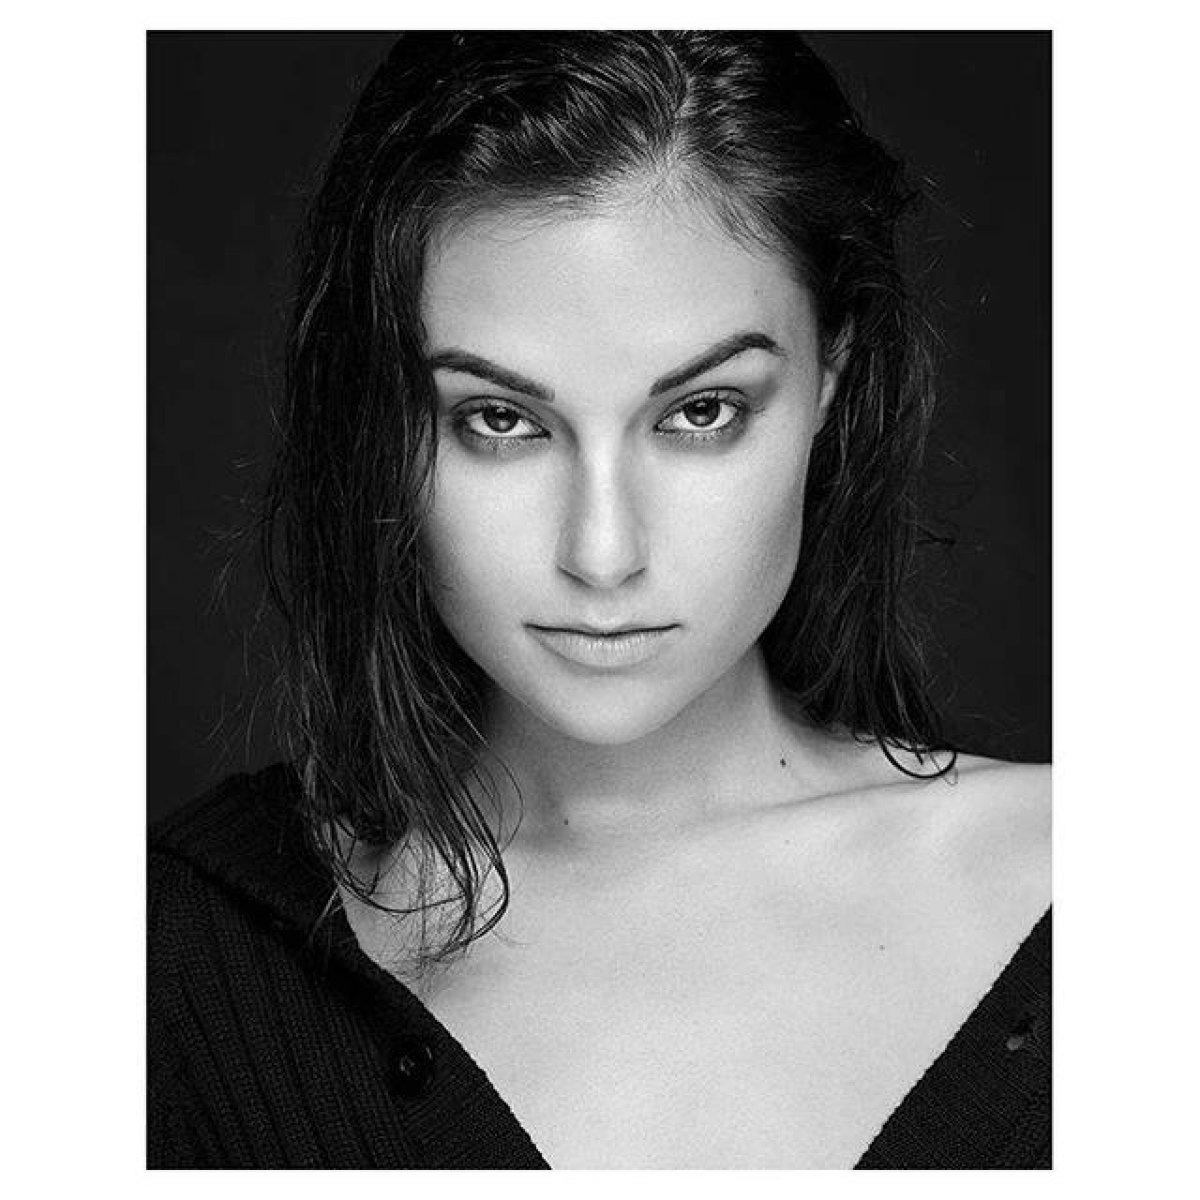 Actriz Porno Mas Buscada En Internet sasha grey es la actriz más buscada en internet